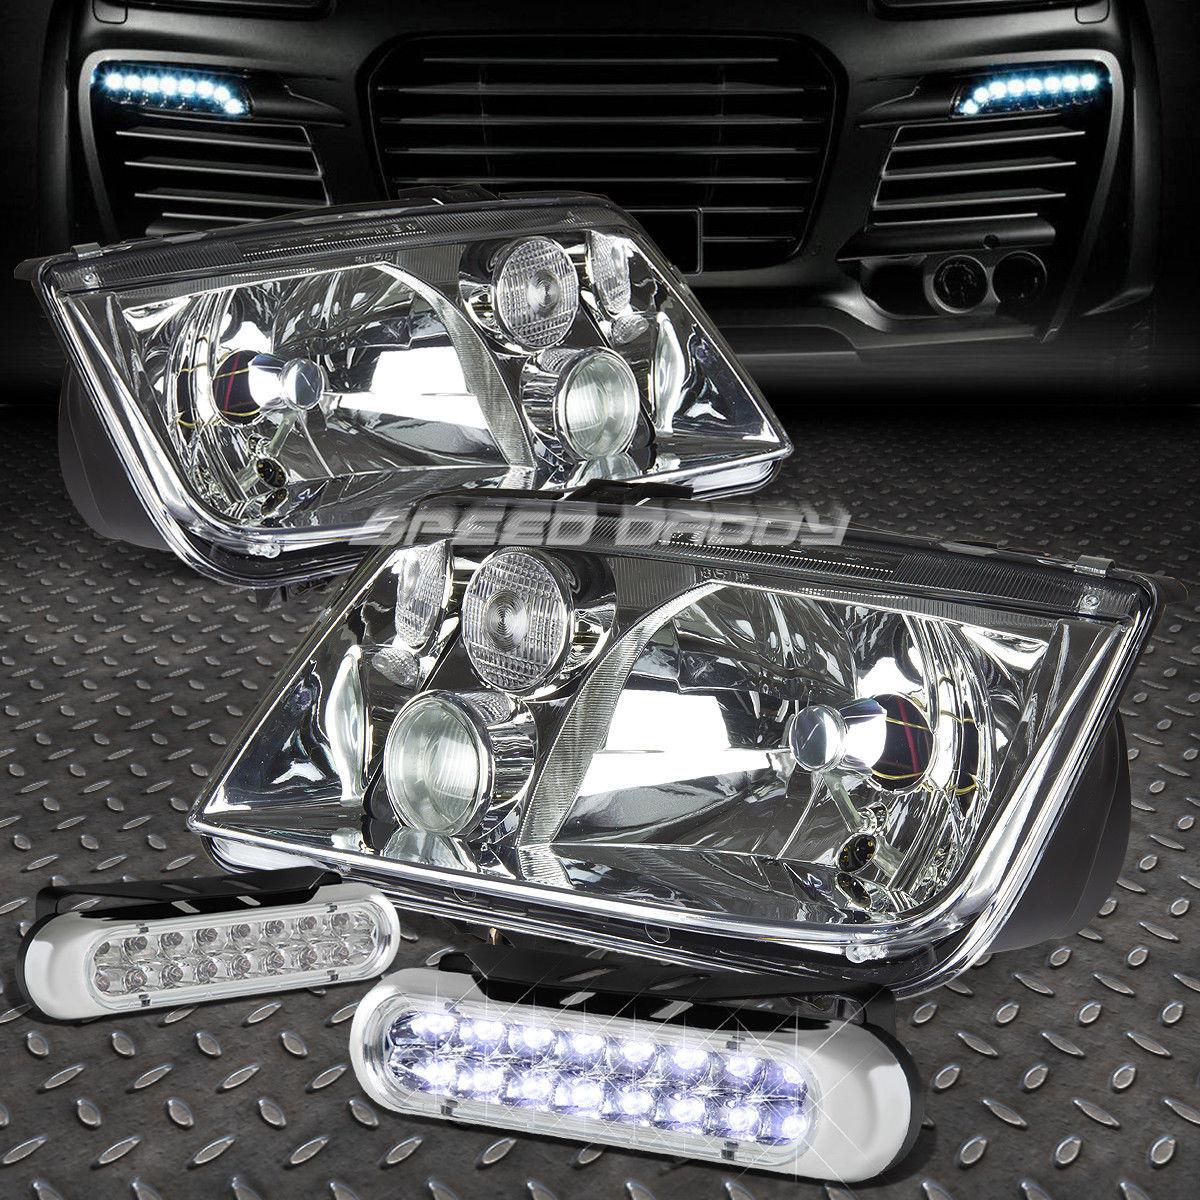 フォグライト CHROME HOUSING HEADLIGHT LAMP+16 LED GRILL FOG LIGHT FOR 99-05 VW JETTA/BORA CHROME HOUSING HEADLIGHT LAMP + JETTA / BORA 99-05 VW用16グリルフォグライト